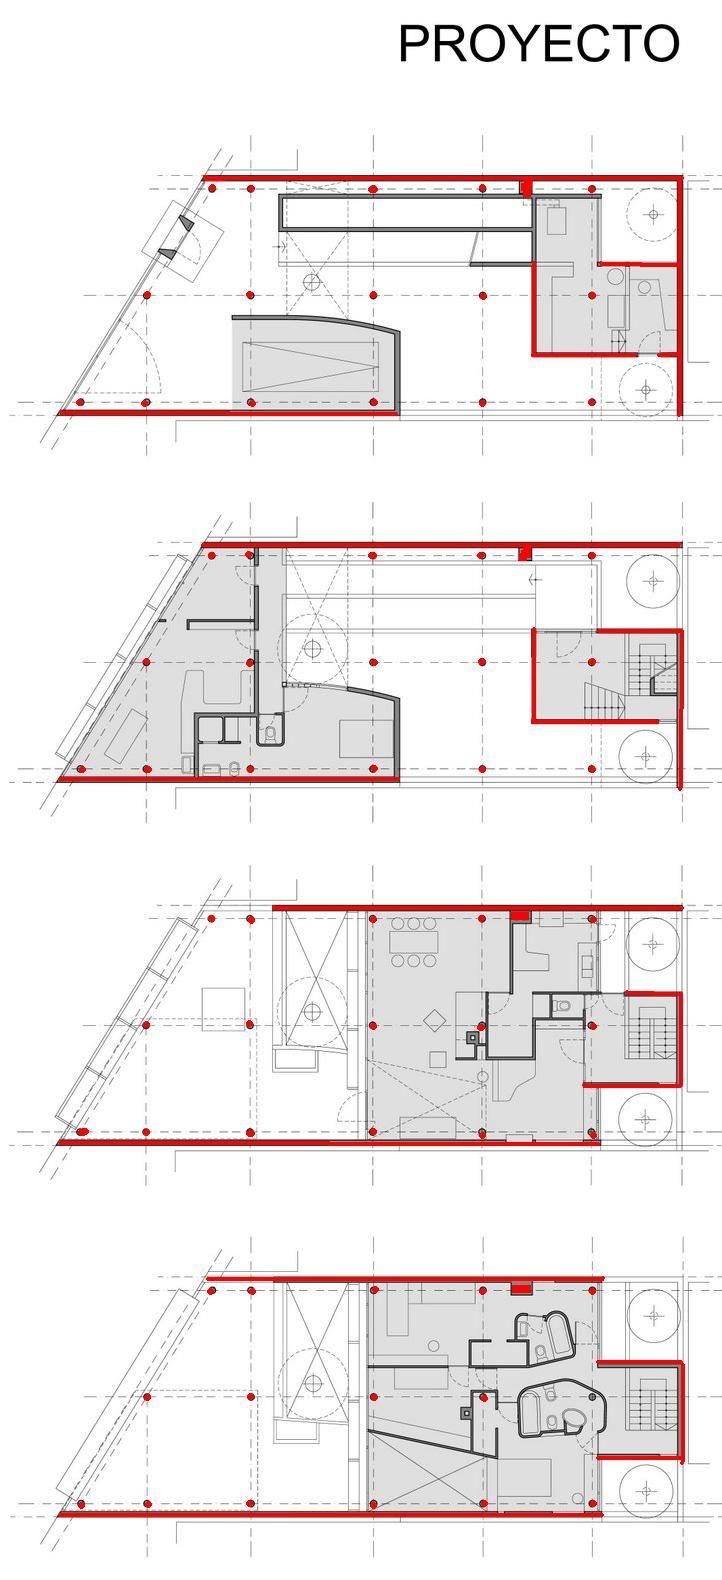 Casa curuchet casa curutchet 1949 le corbusier - Casas de le corbusier ...